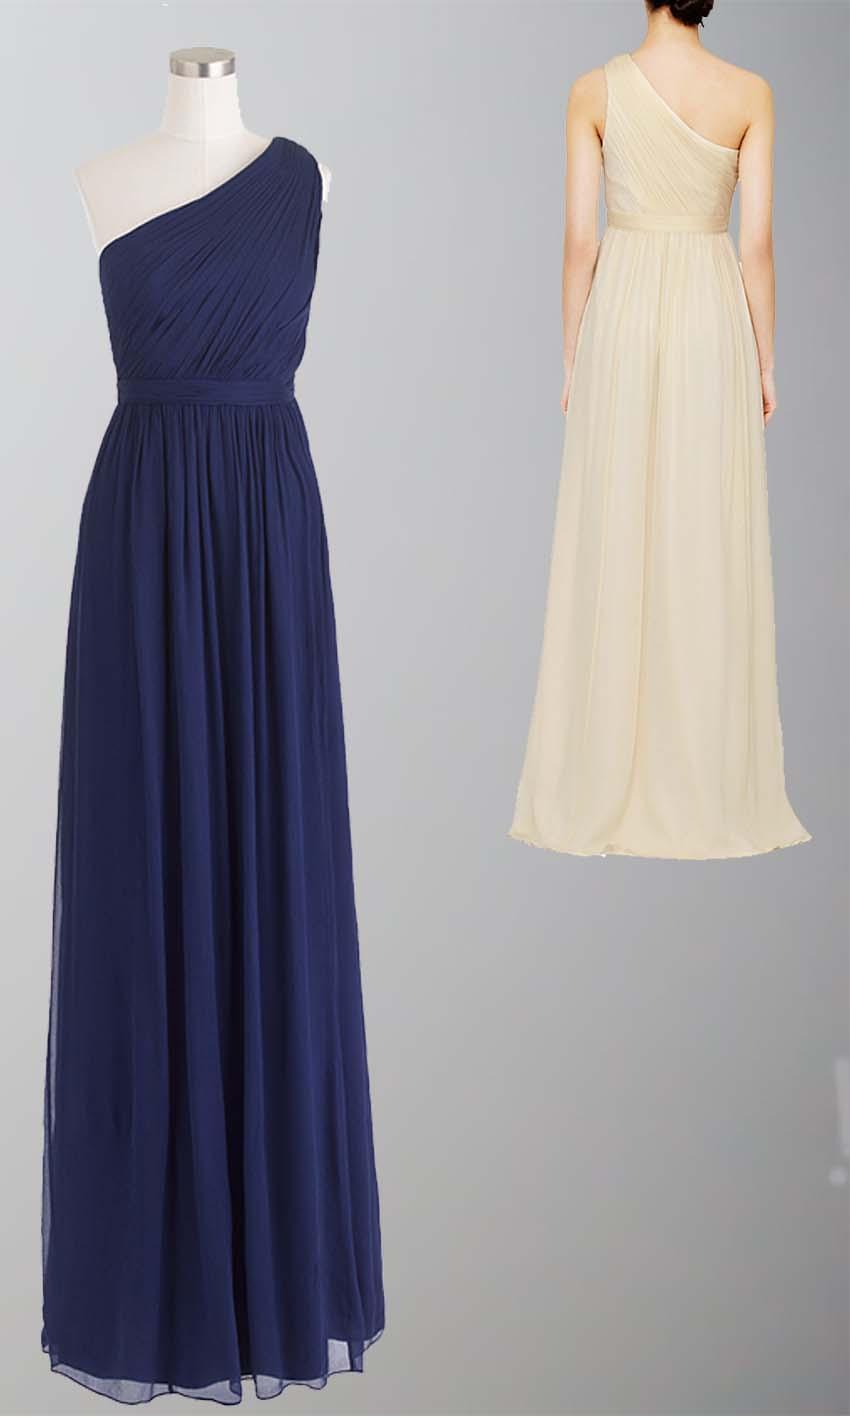 Navy Blue One Shoulder Bridesmaid Dress UK KSP335 [KSP335] - £87.00 ...